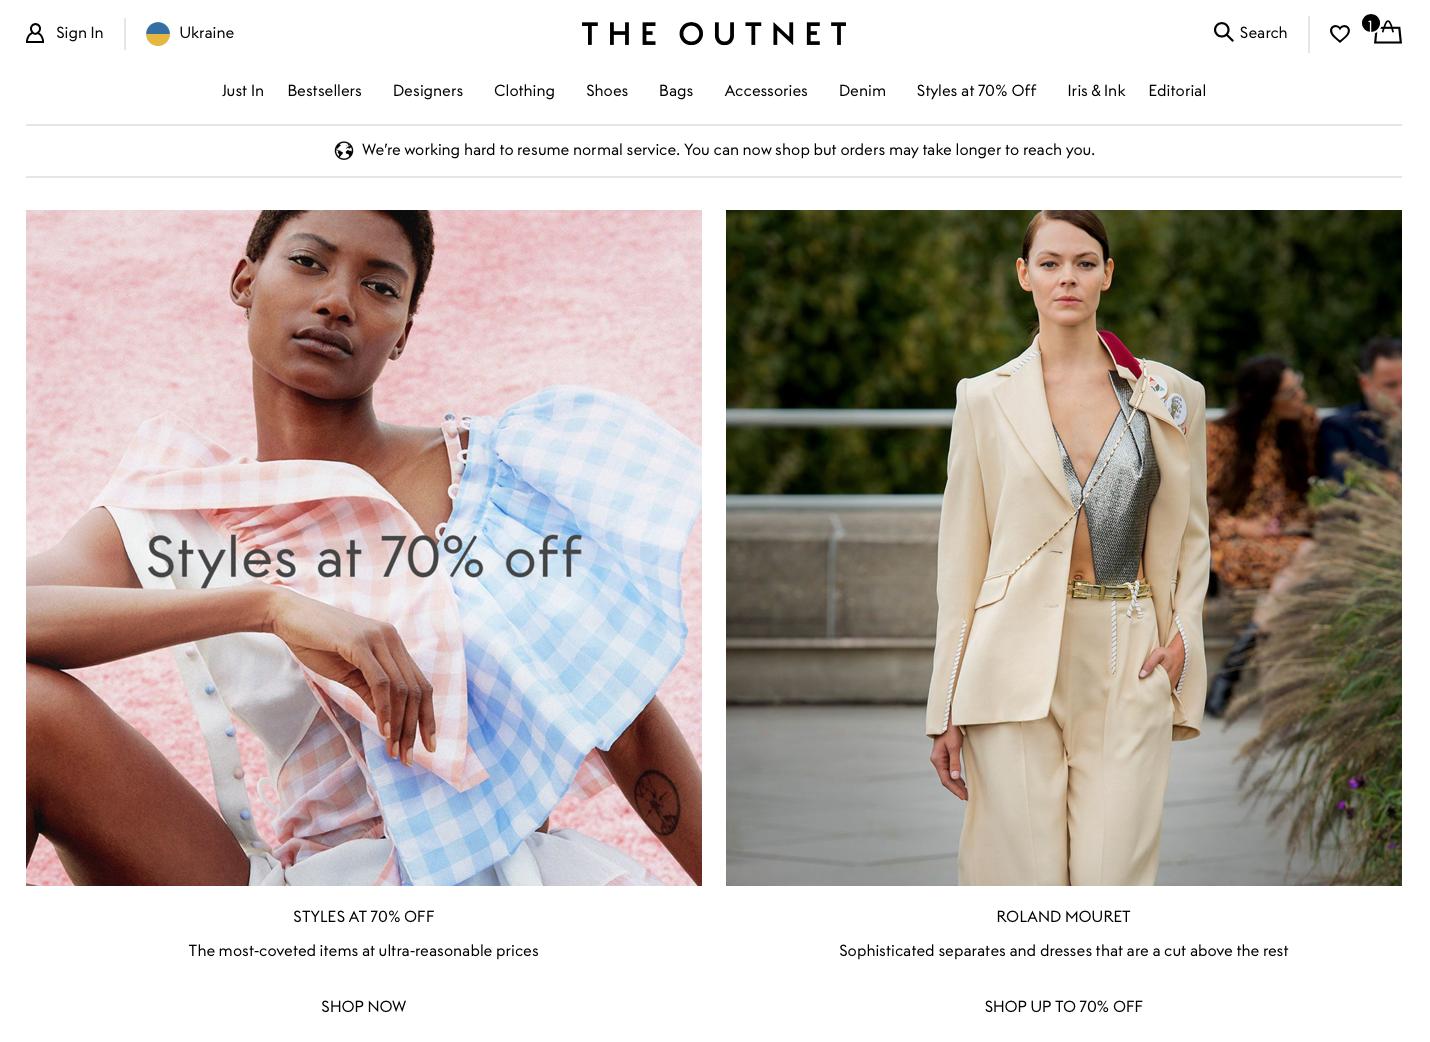 5 магазинов для лучшего онлайн-шопинга: от масс-маркета до люкса